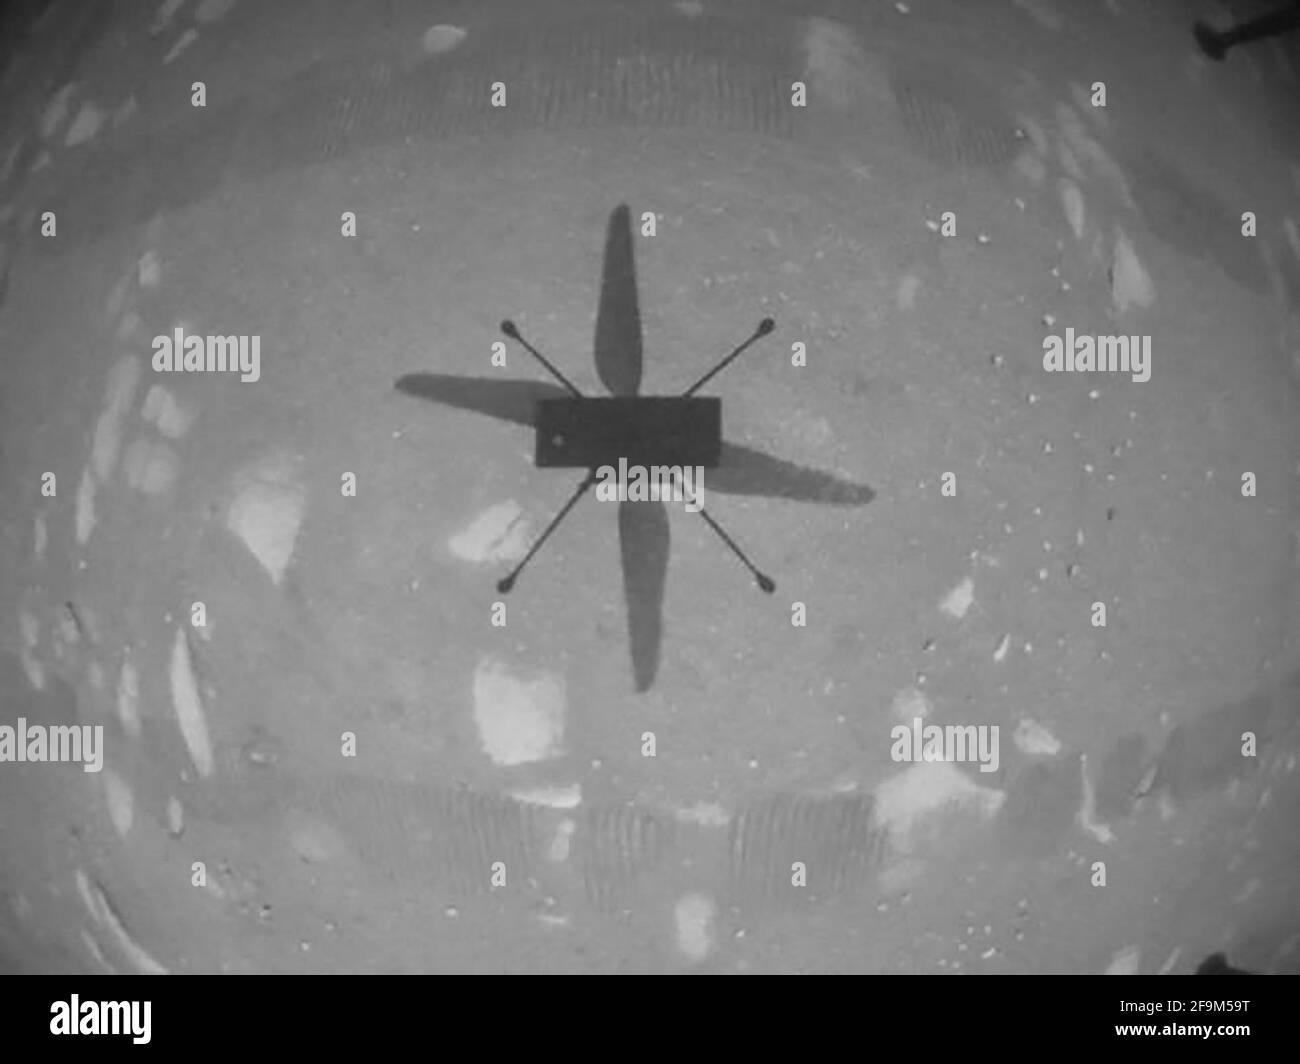 Der NASA-Marsobicopter Ingenuity hat diese Aufnahme aufgenommen, als er am 19. April 2021 während des ersten motorisierten, kontrollierten Fluges auf einem anderen Planeten über der Marsoberfläche schwebte. Es verwendete seine Navigationskamera, die während des Fluges autonom den Boden verfolgt. Handout Foto von JPL-Caltech/NASA viaABACAPRESS.COM Quelle: Abaca Press/Alamy Live News Stockfoto